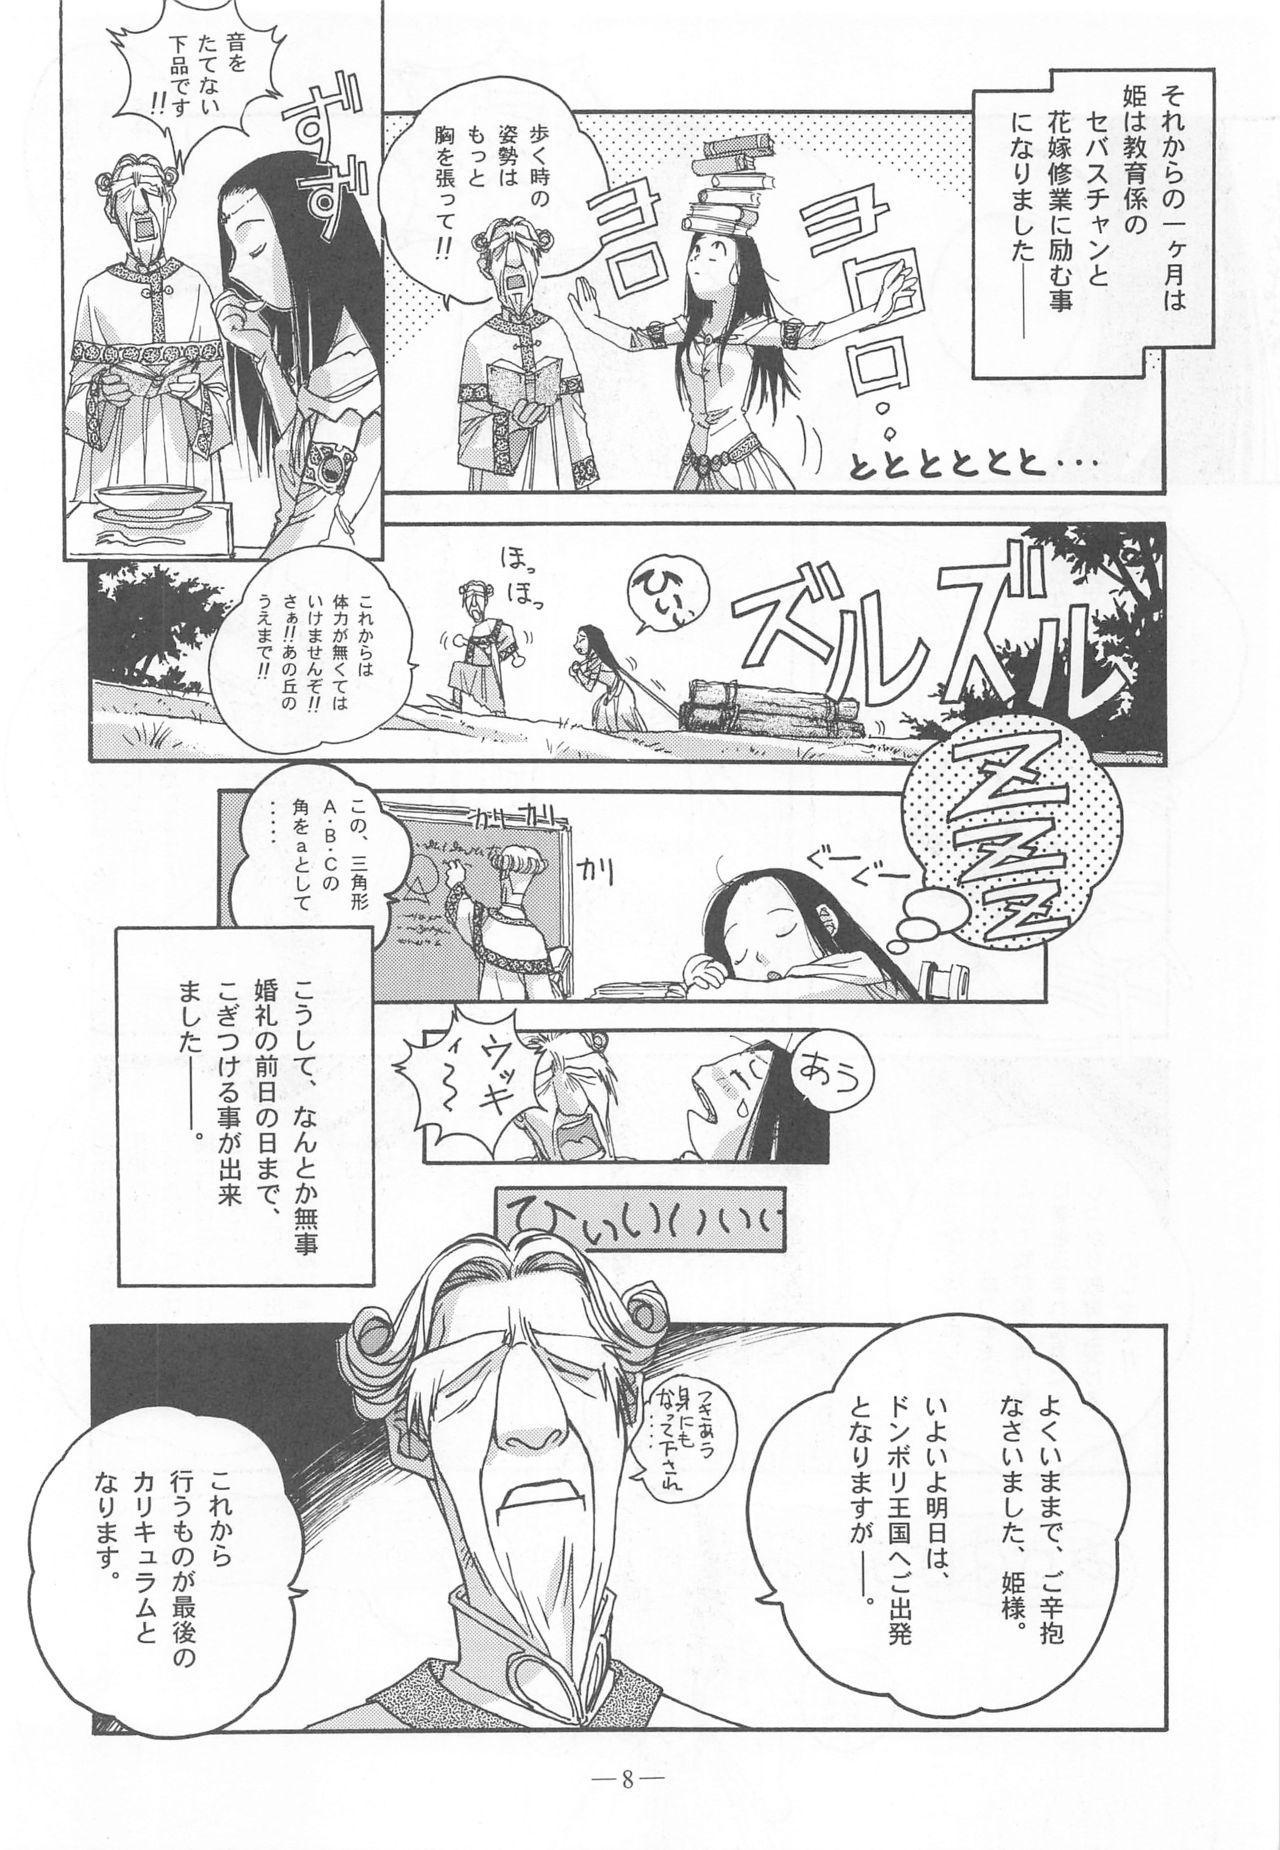 Otonano Do-wa Vol. 9 6